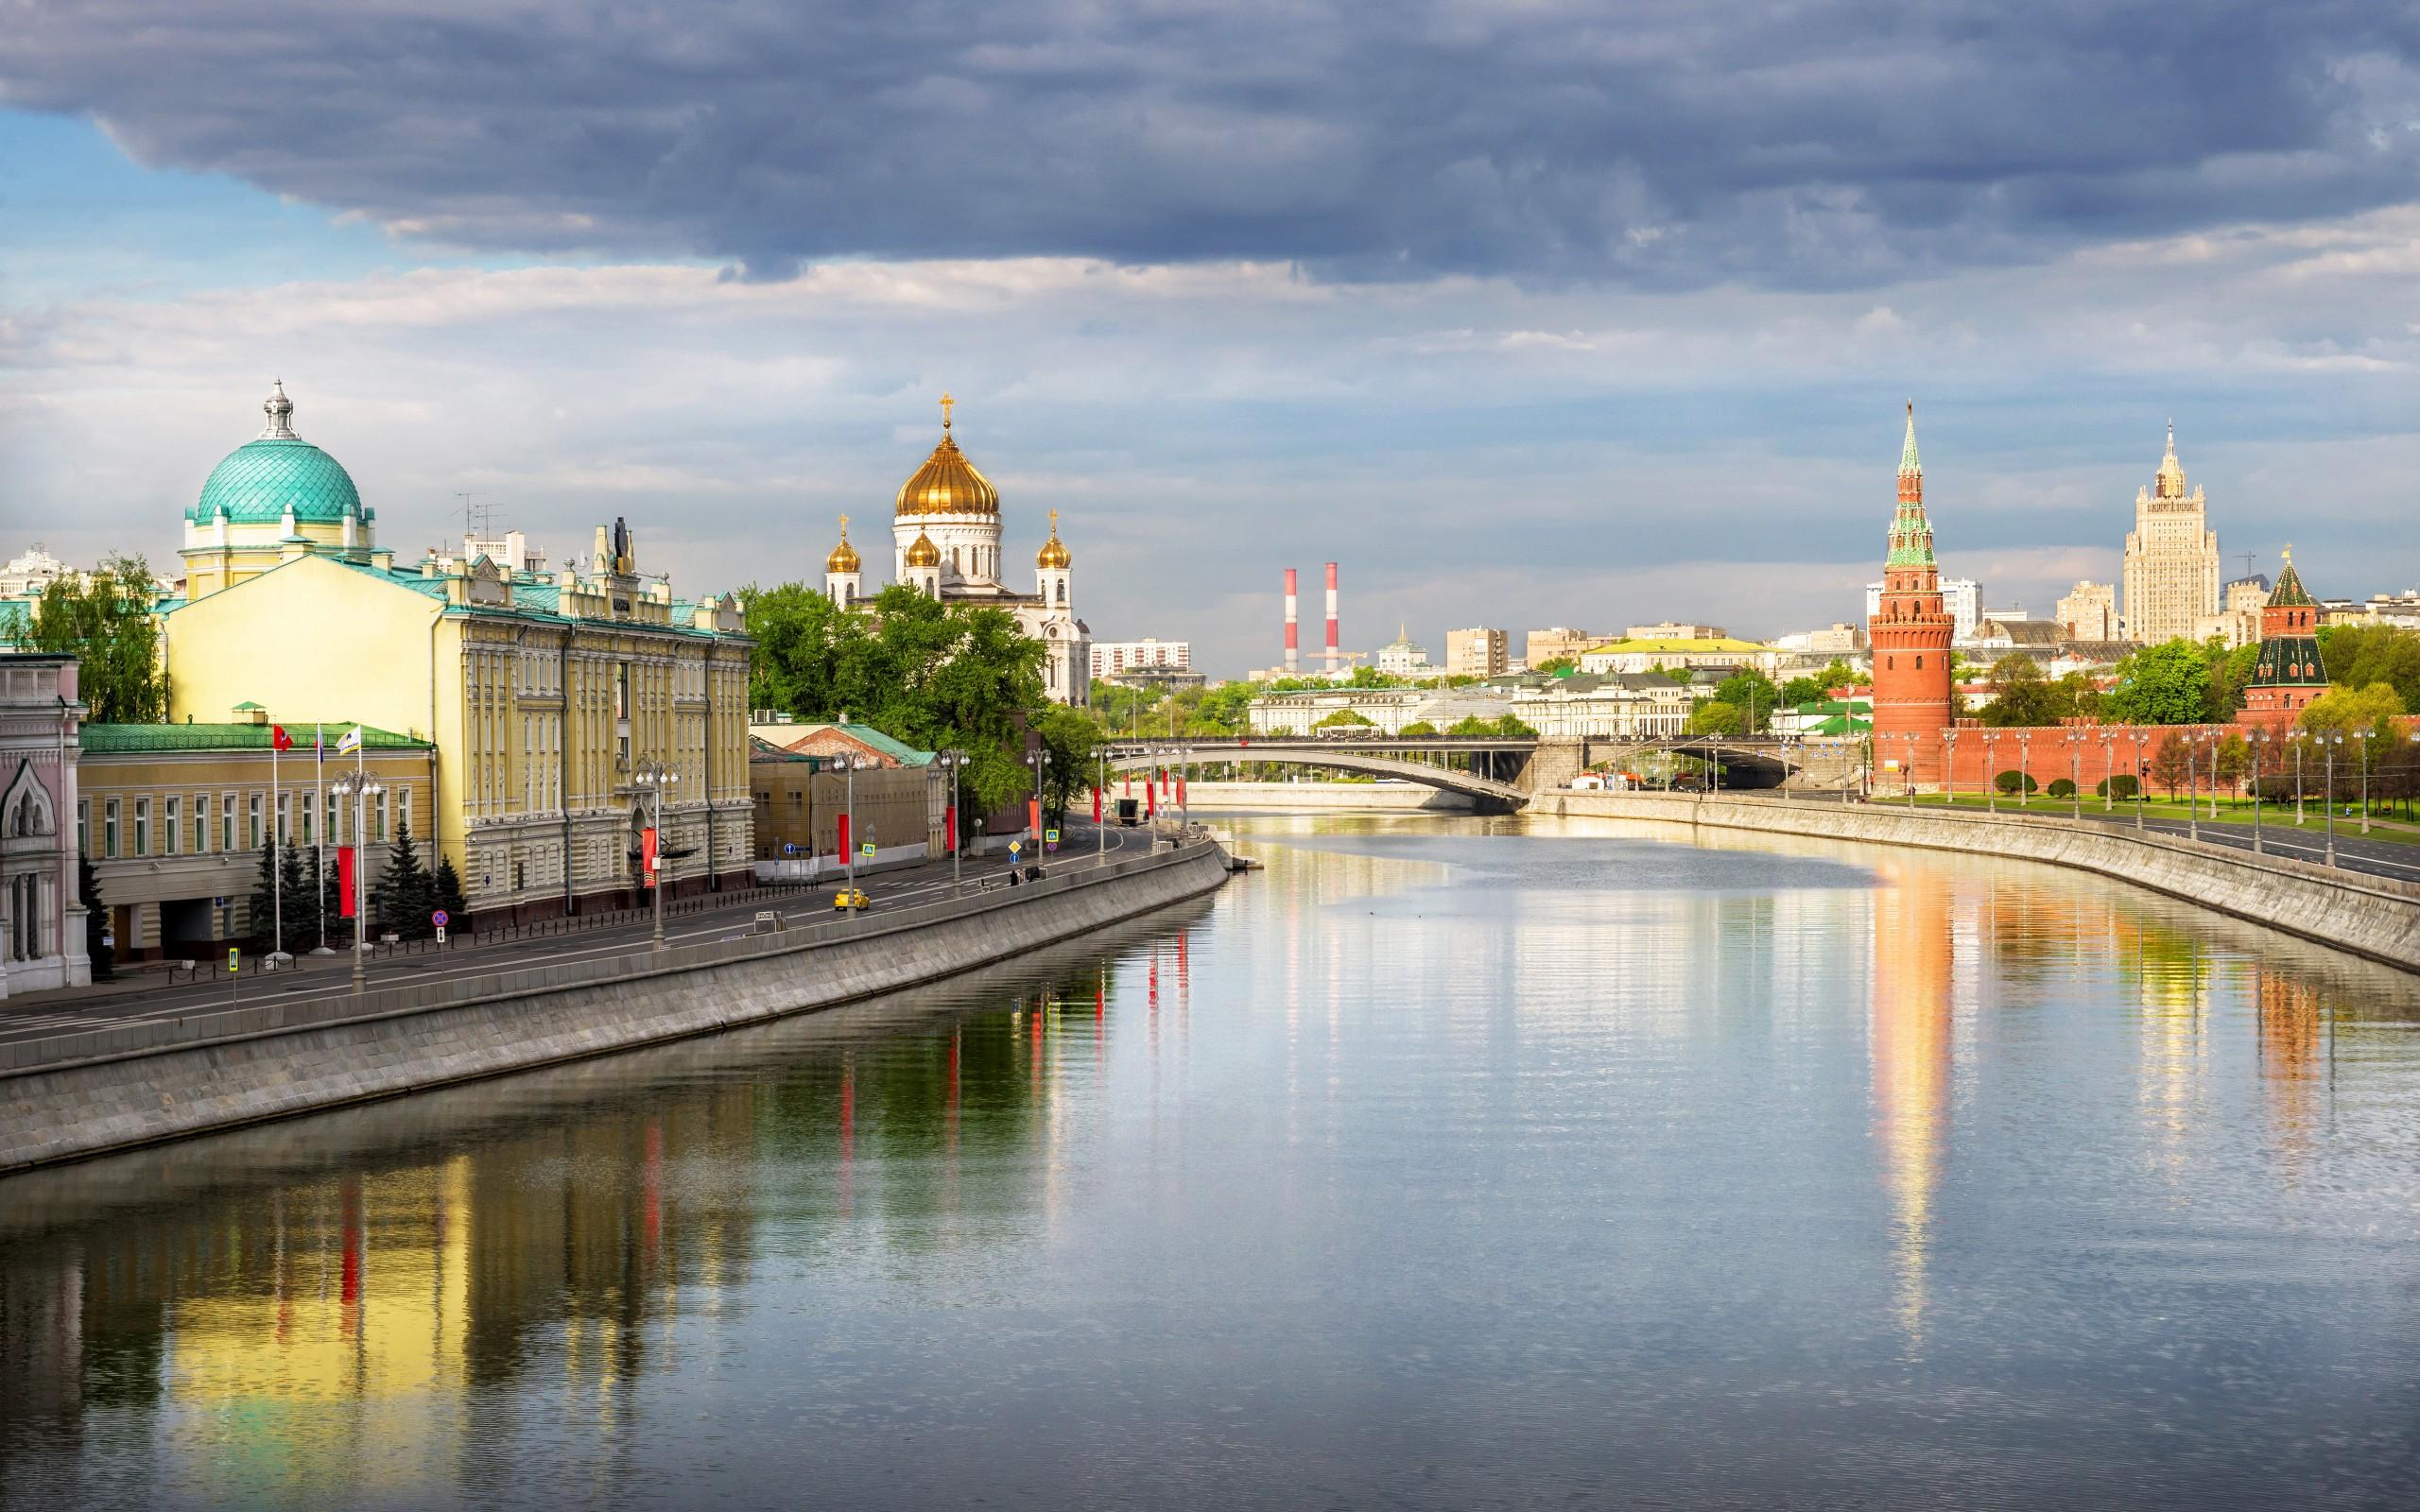 Правительство примет экологическую стратегию Москвы до 2030 года